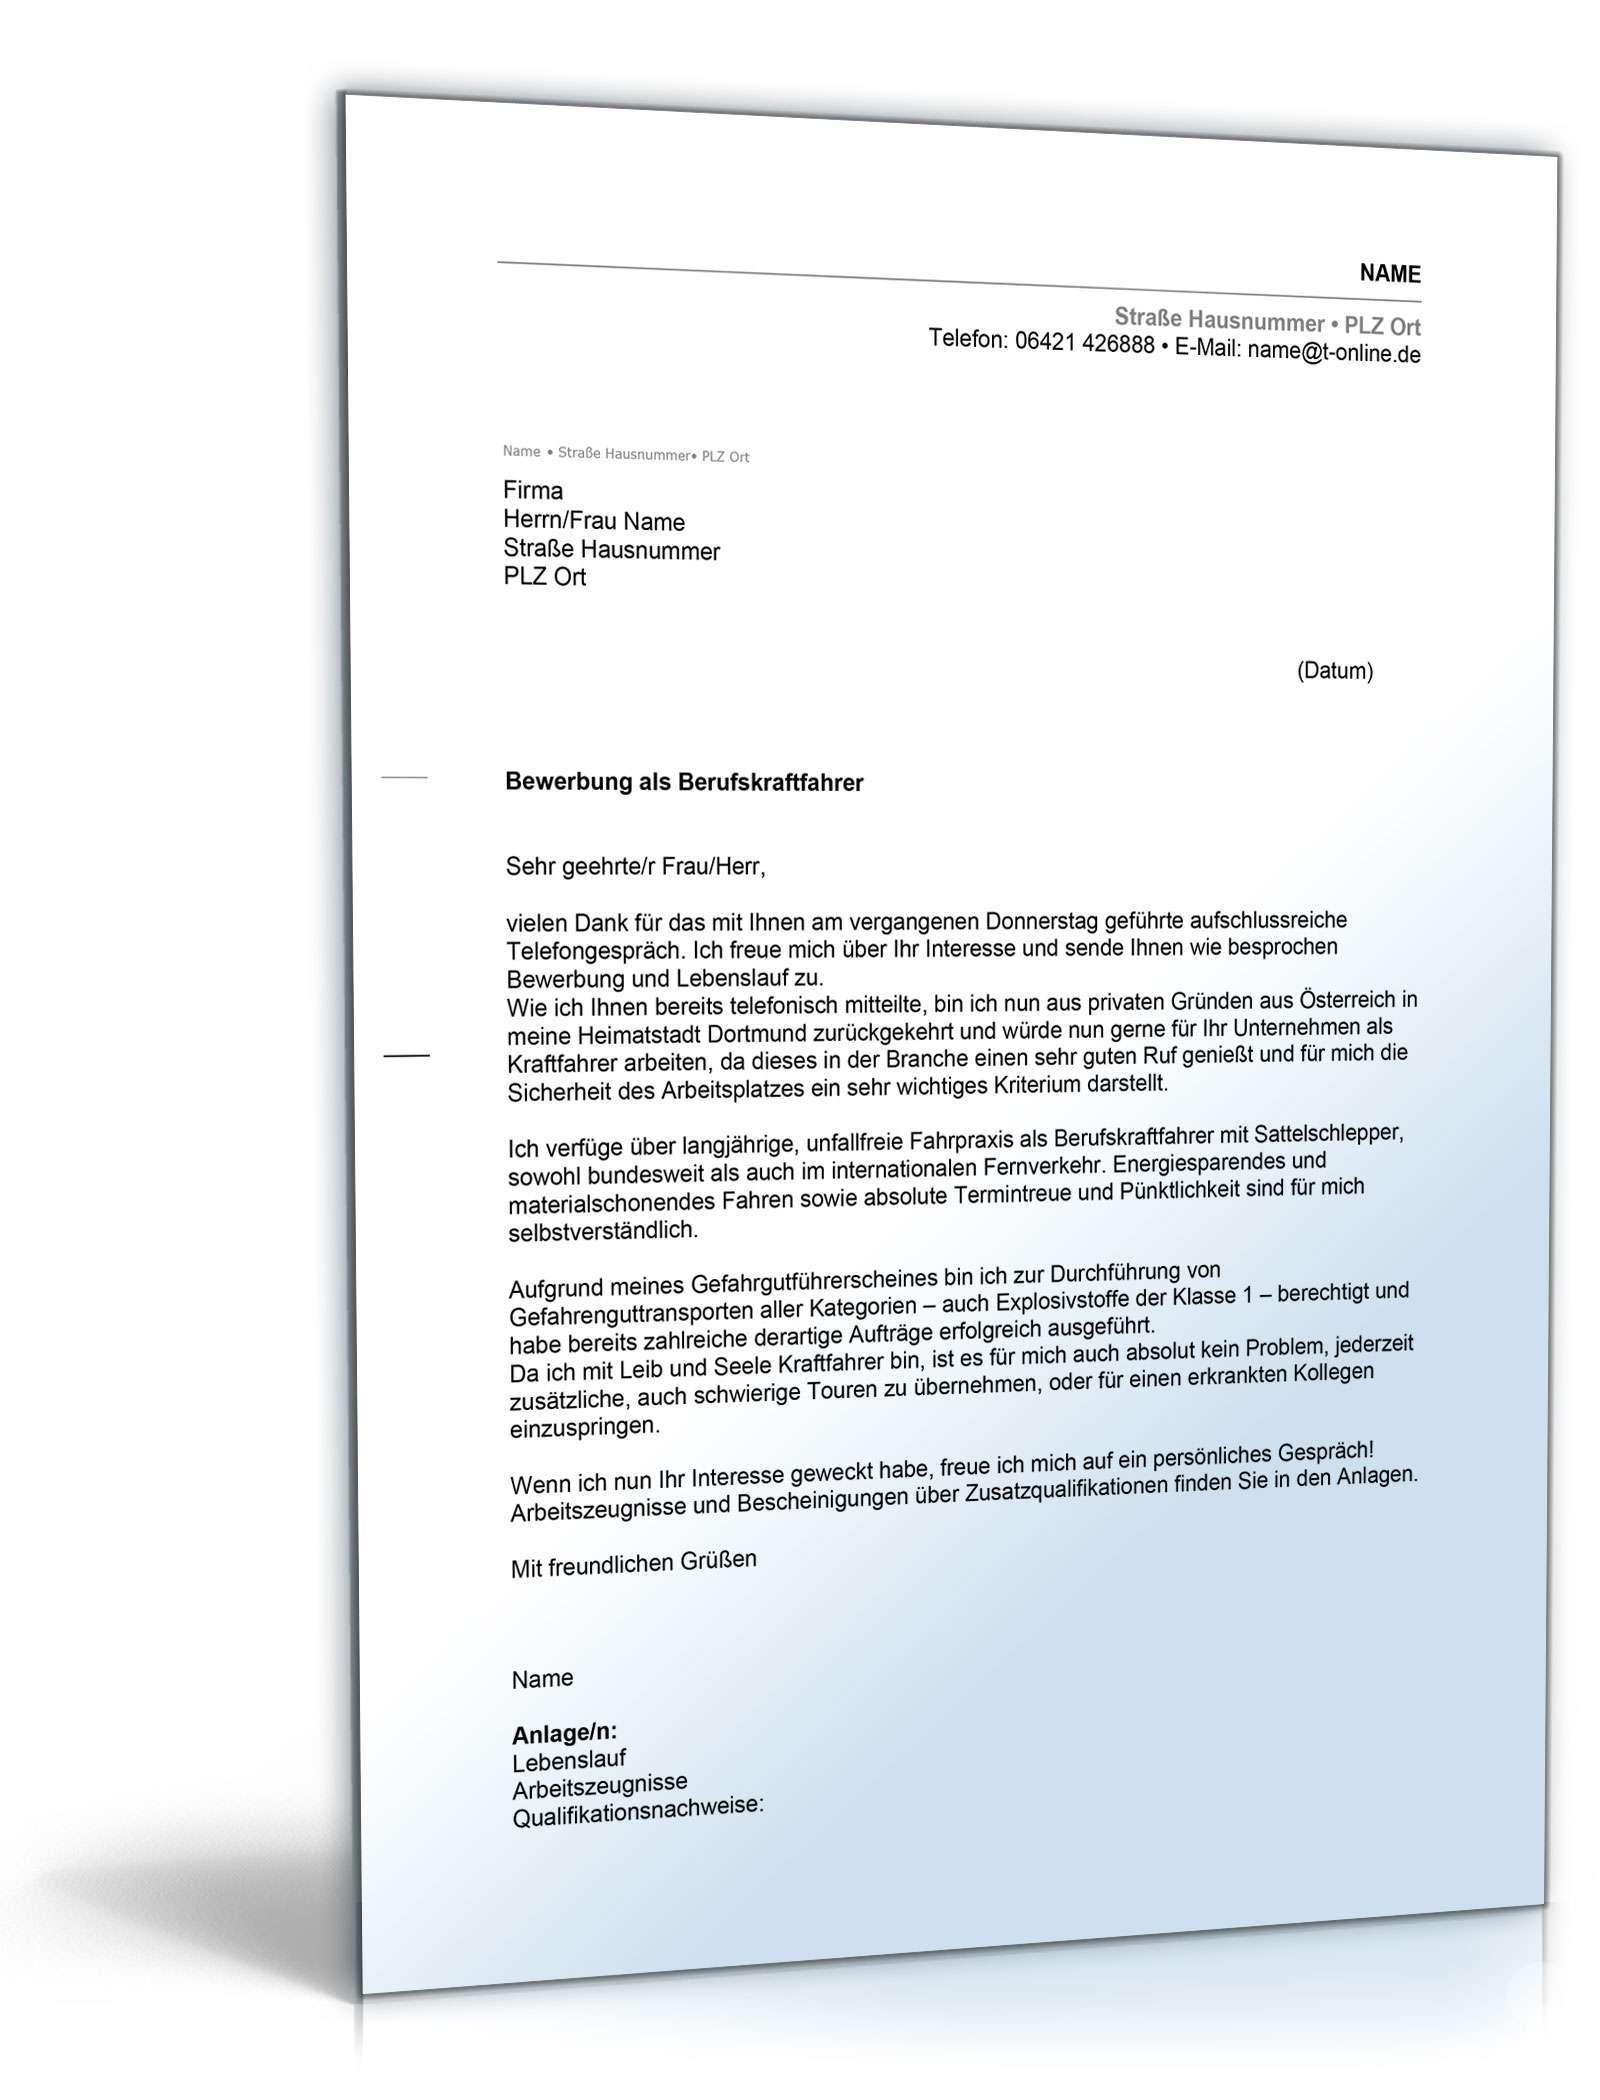 anschreiben bewerbung berufskraftfahrer - Anschreiben Fr Initiativbewerbung